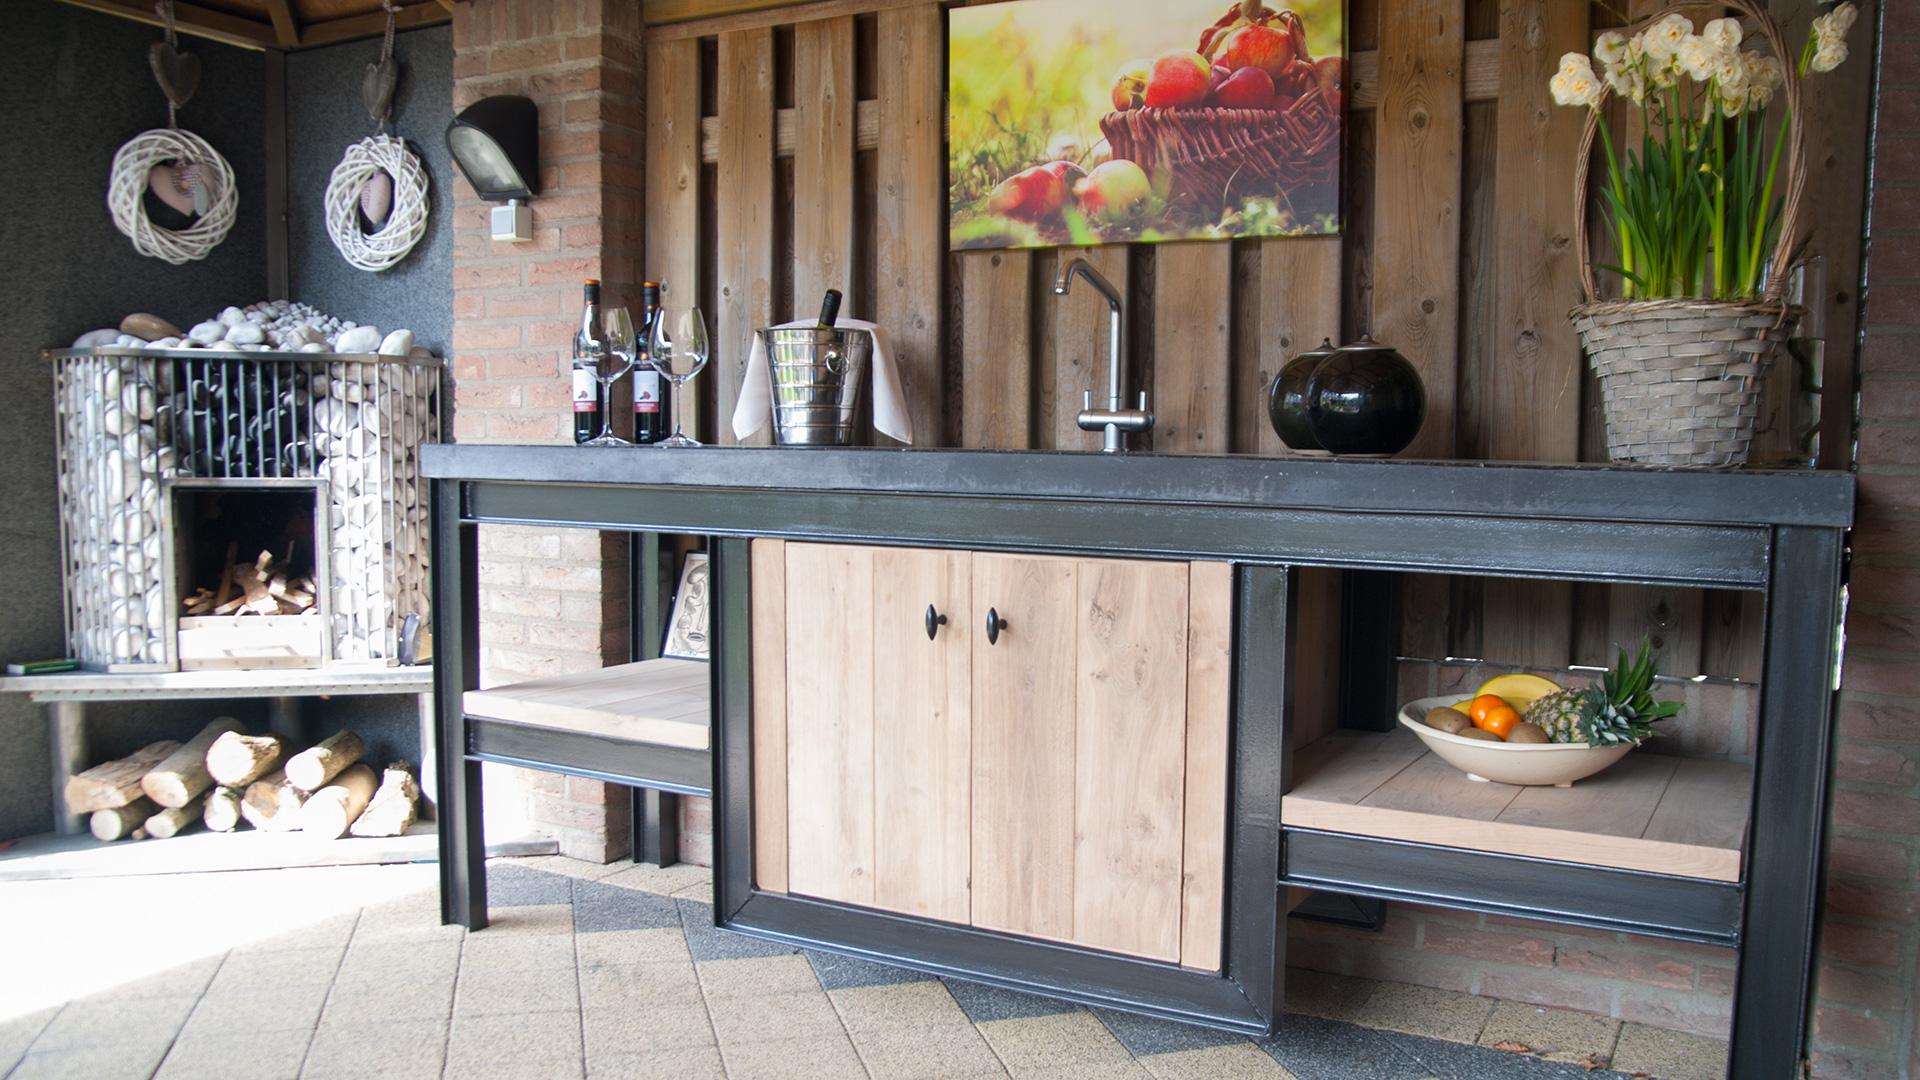 Buitenkeuken metaal    terrazzo   Keuken voor buiten